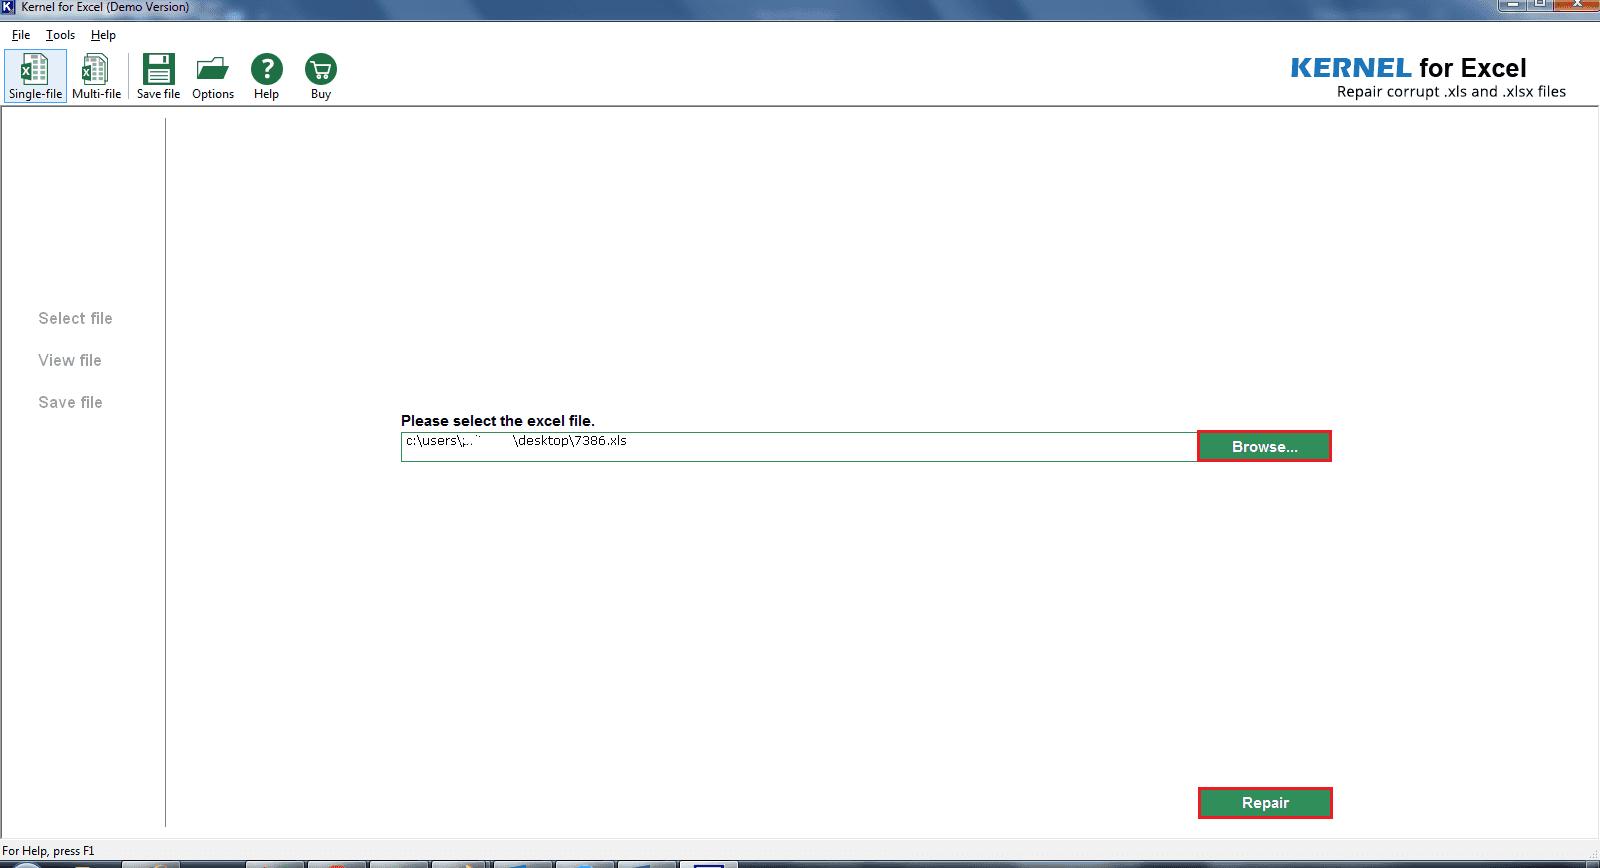 excel 2007 file repair software free download